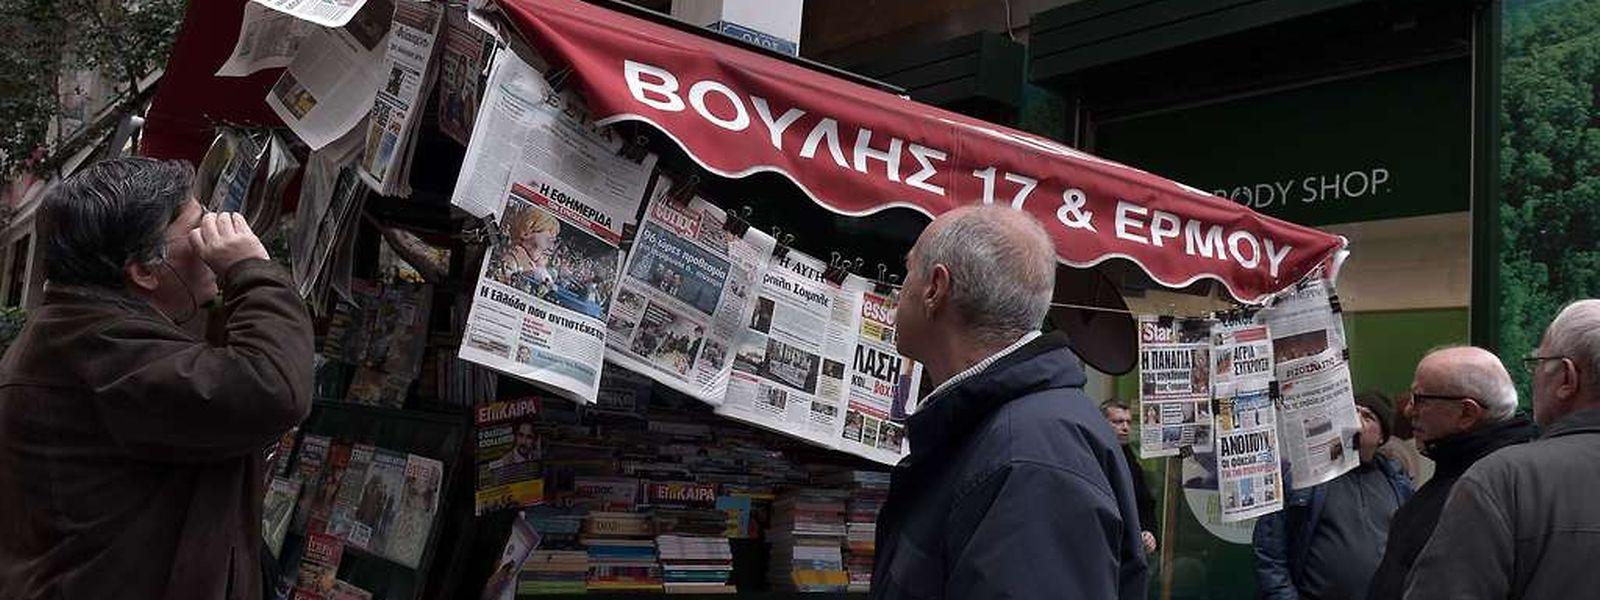 Aus der Zeitung erfahren die Griechen, dass die Regierung einen Verlängerungsantrag stellt.